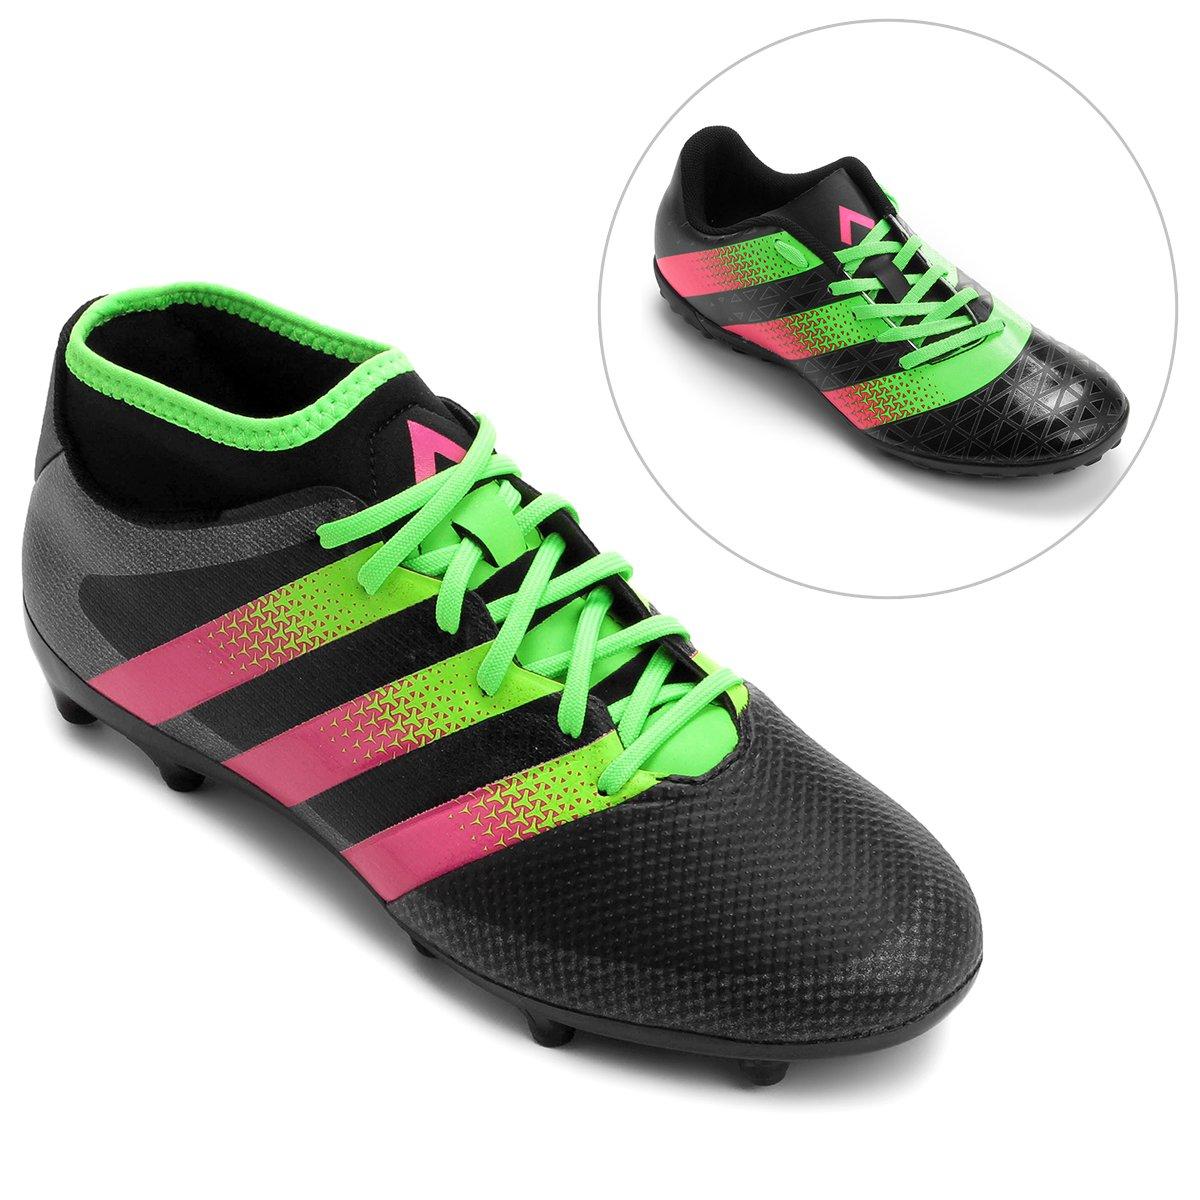 Kit Chuteira Adidas Artilheira TF Society + Chuteira Adidas Ace 16.3  Primemesh FG Campo - Compre Agora  637d0d8d086e8